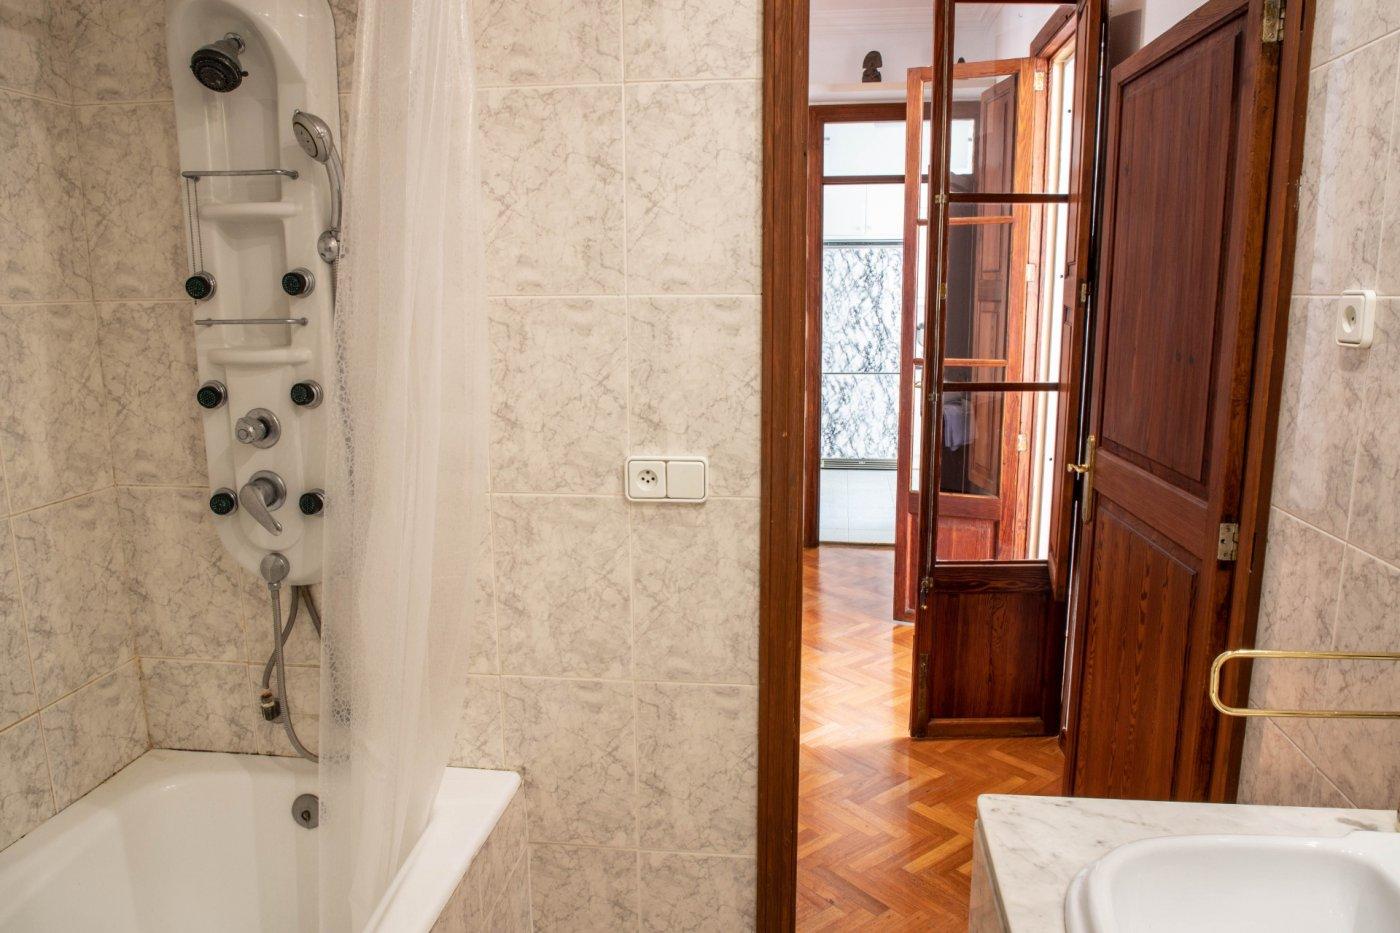 Primer piso con terrado privado en santa catalina - imagenInmueble30